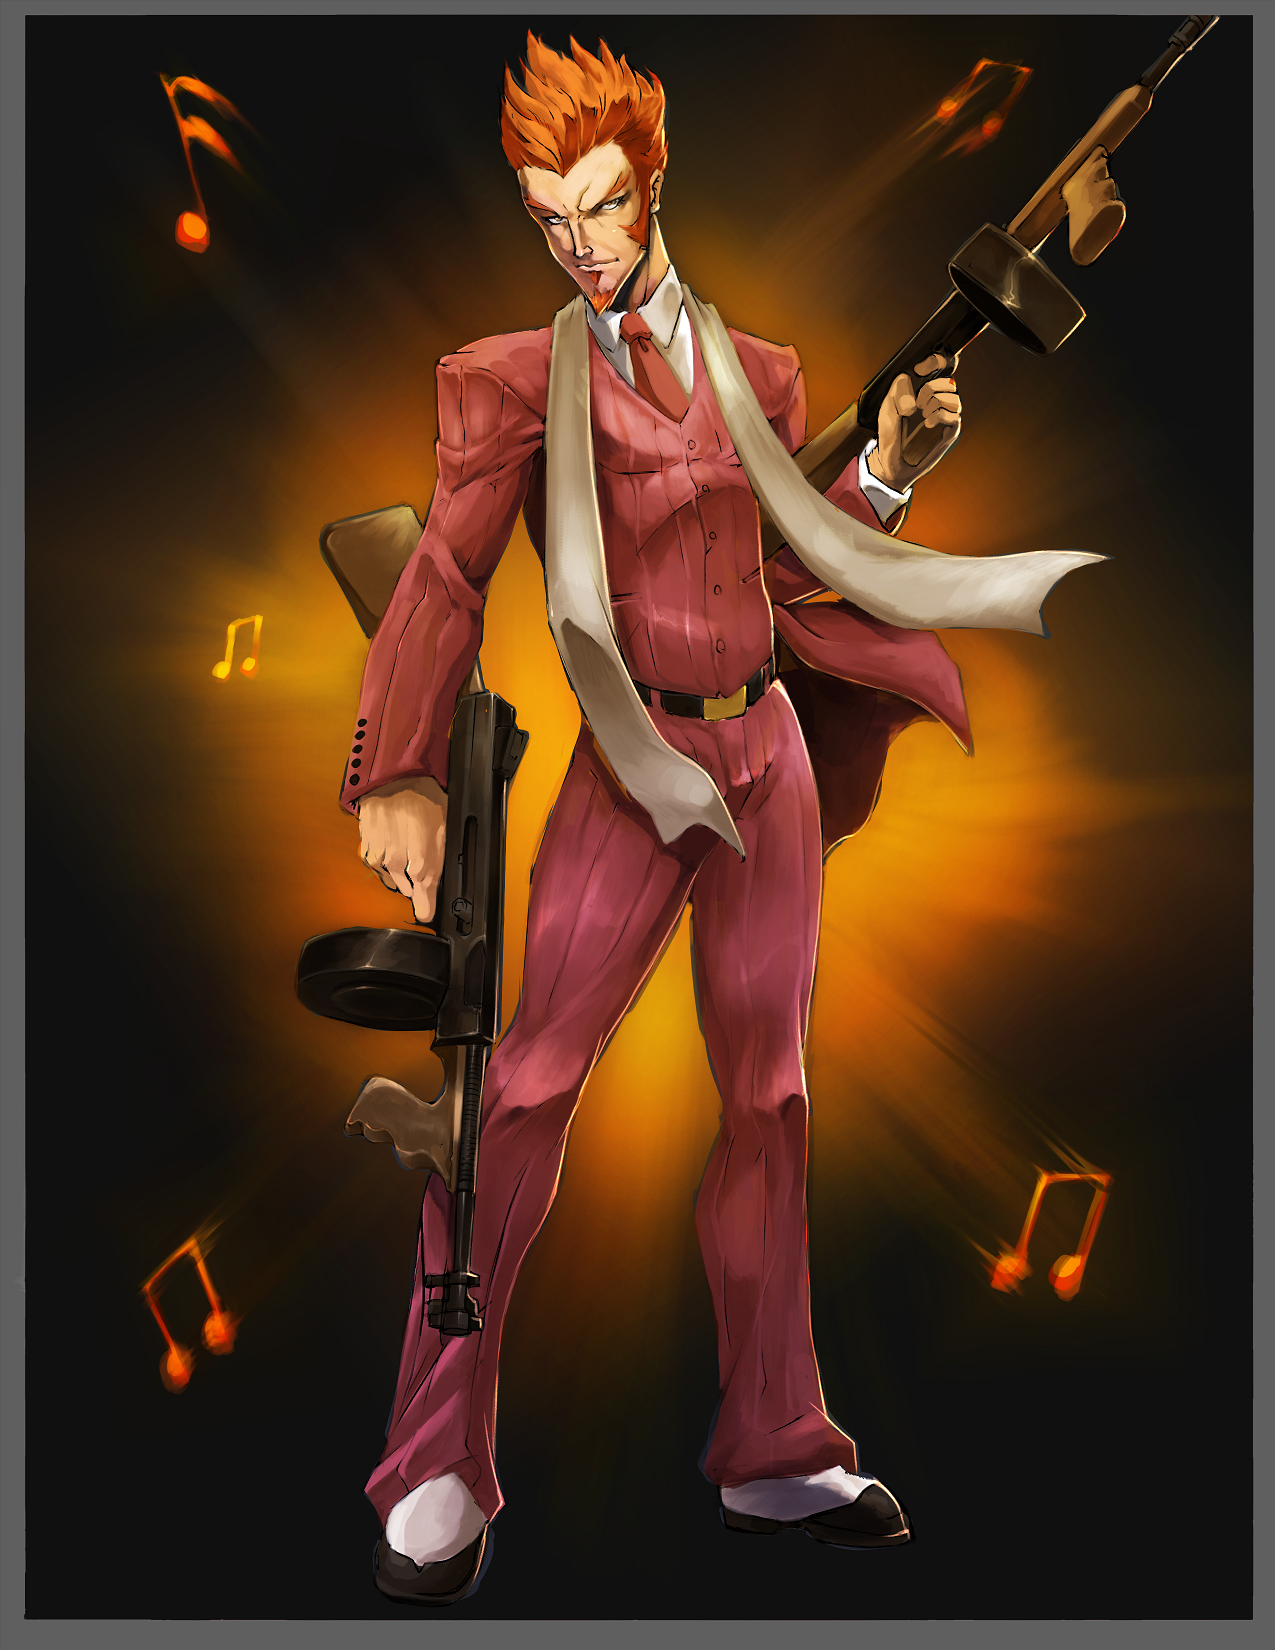 and maybe Mafia Apollo or Mafia Neith ...i want a mafia skin